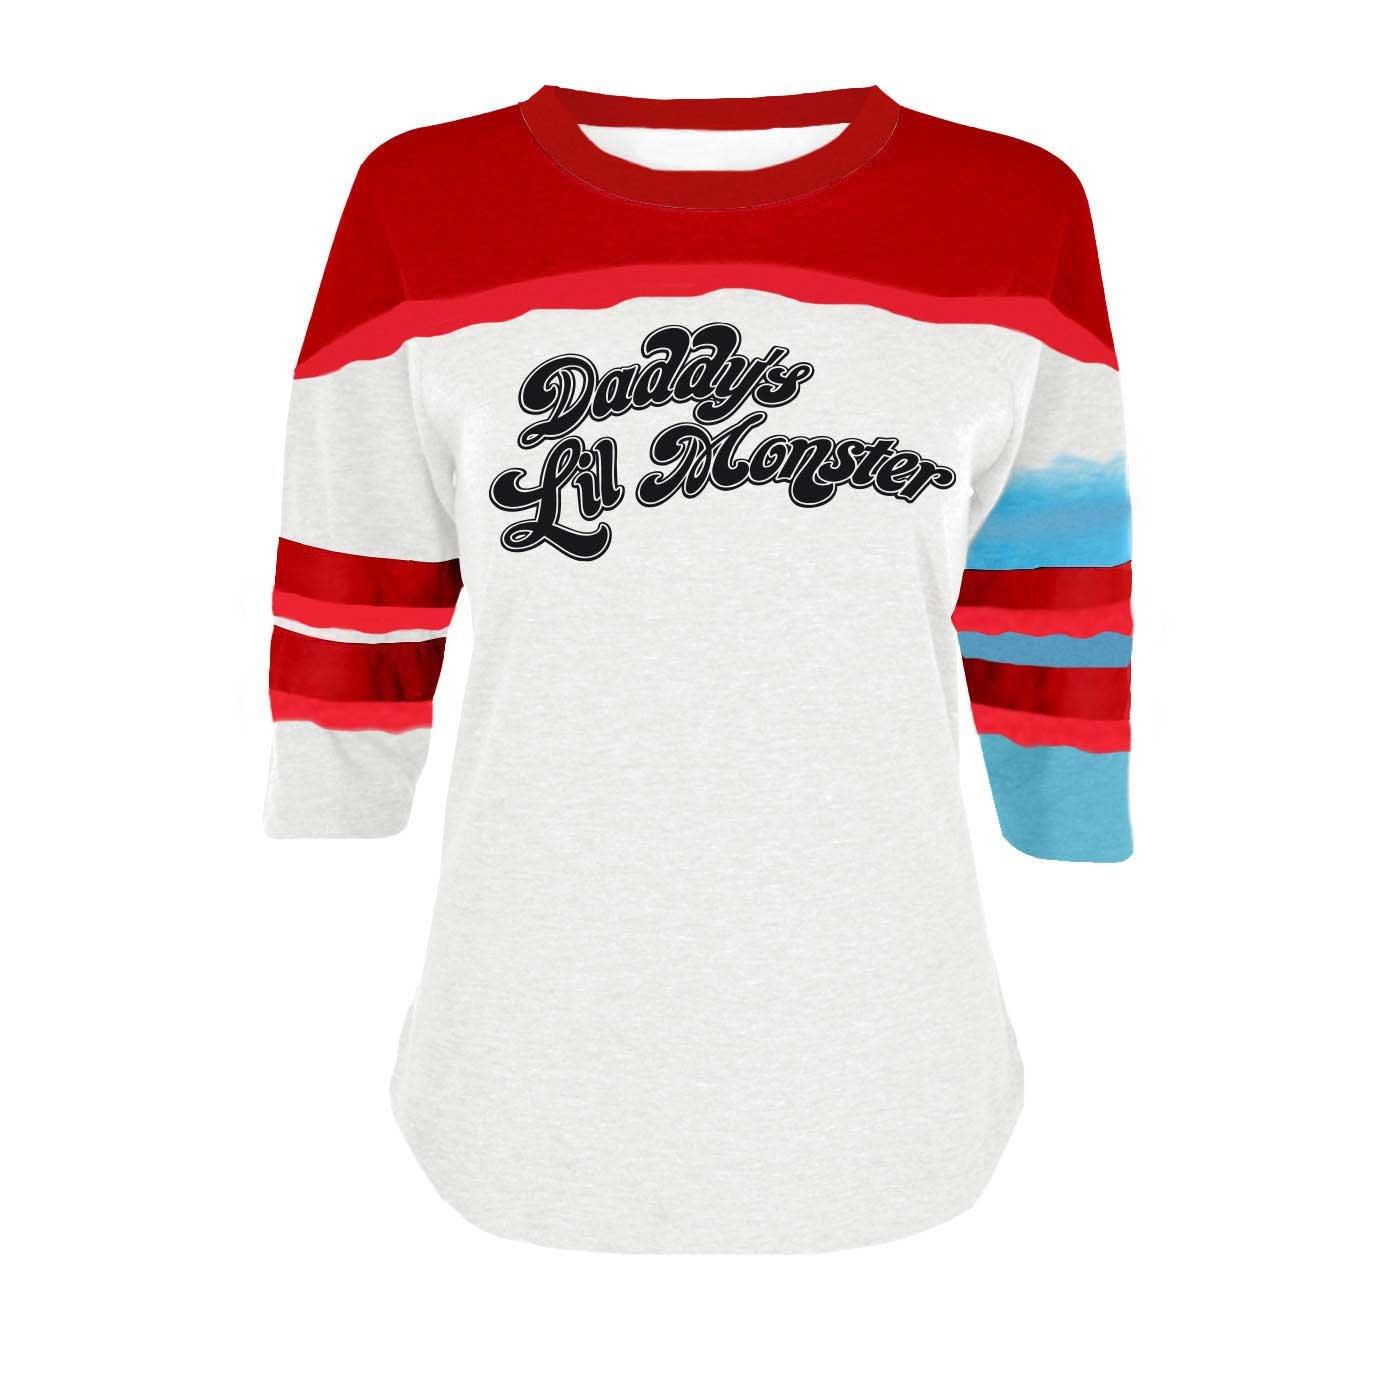 NEW Suicide Squad Harley Quinn T-shirt pour femme